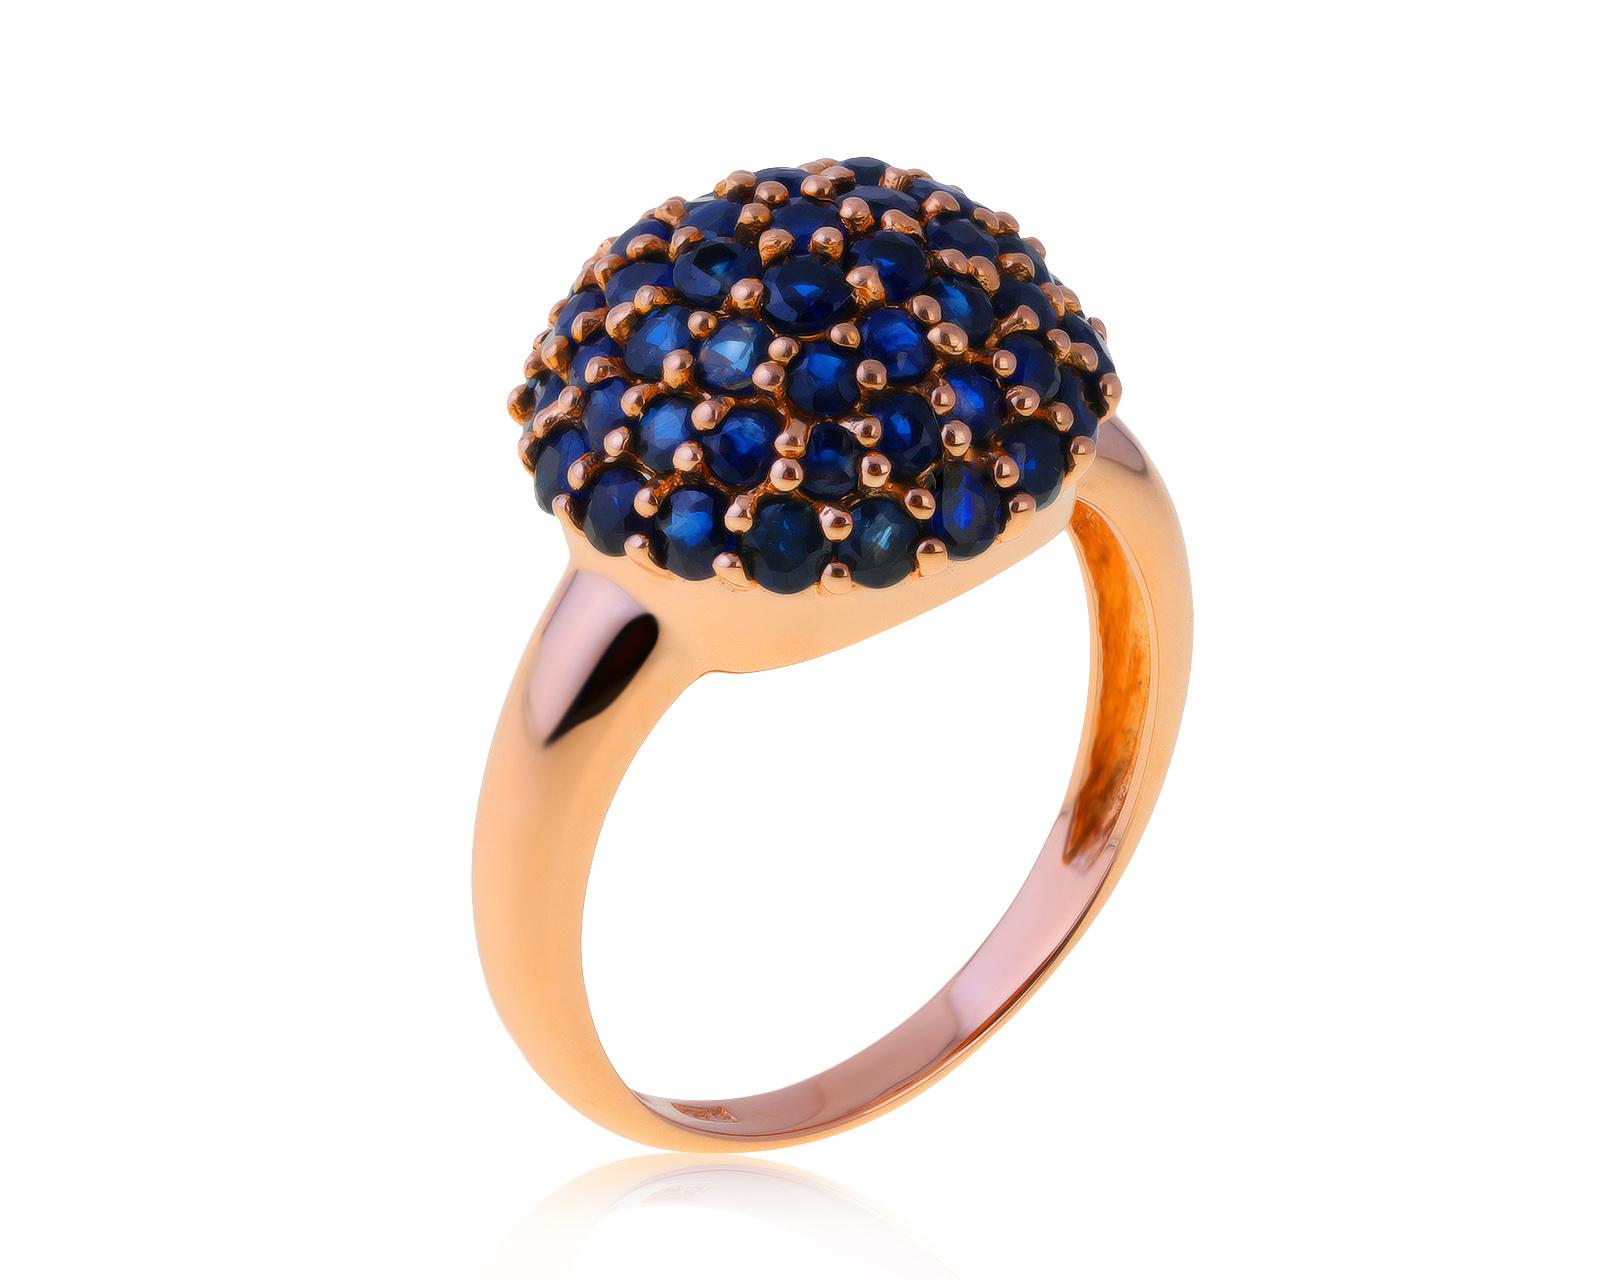 Изысканное золотое кольцо с сапфирами 1.84ct – купить по цене 47 500 ₽ с доставкой в интернет-магазине Mister Diamond